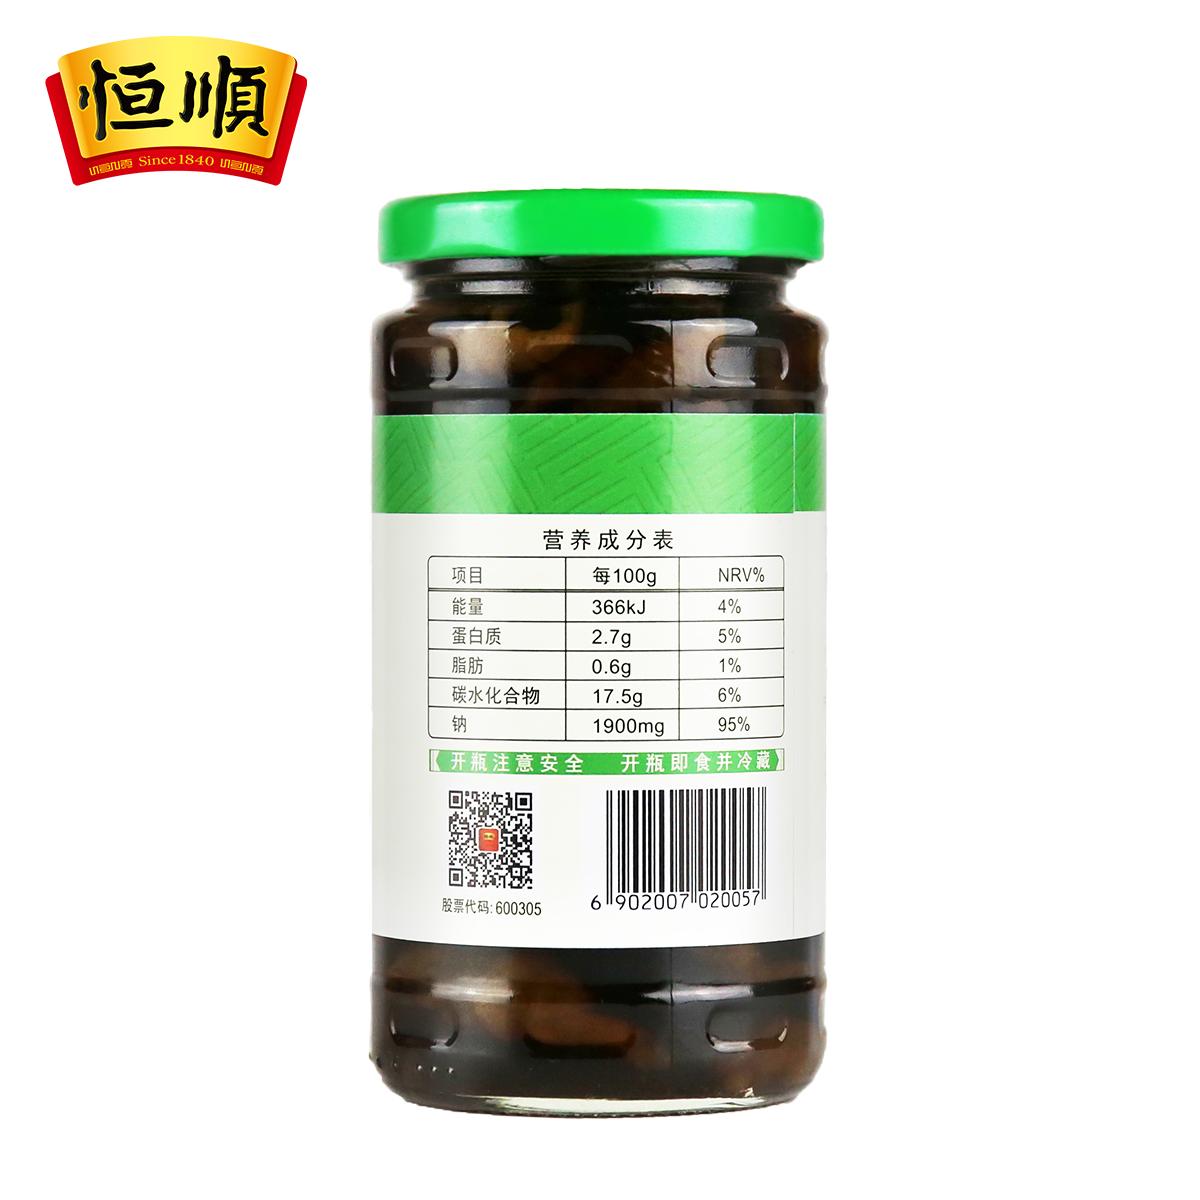 恒顺宝塔菜375g 江苏镇江特产 下饭小菜 腌制泡菜 酱菜 榨菜